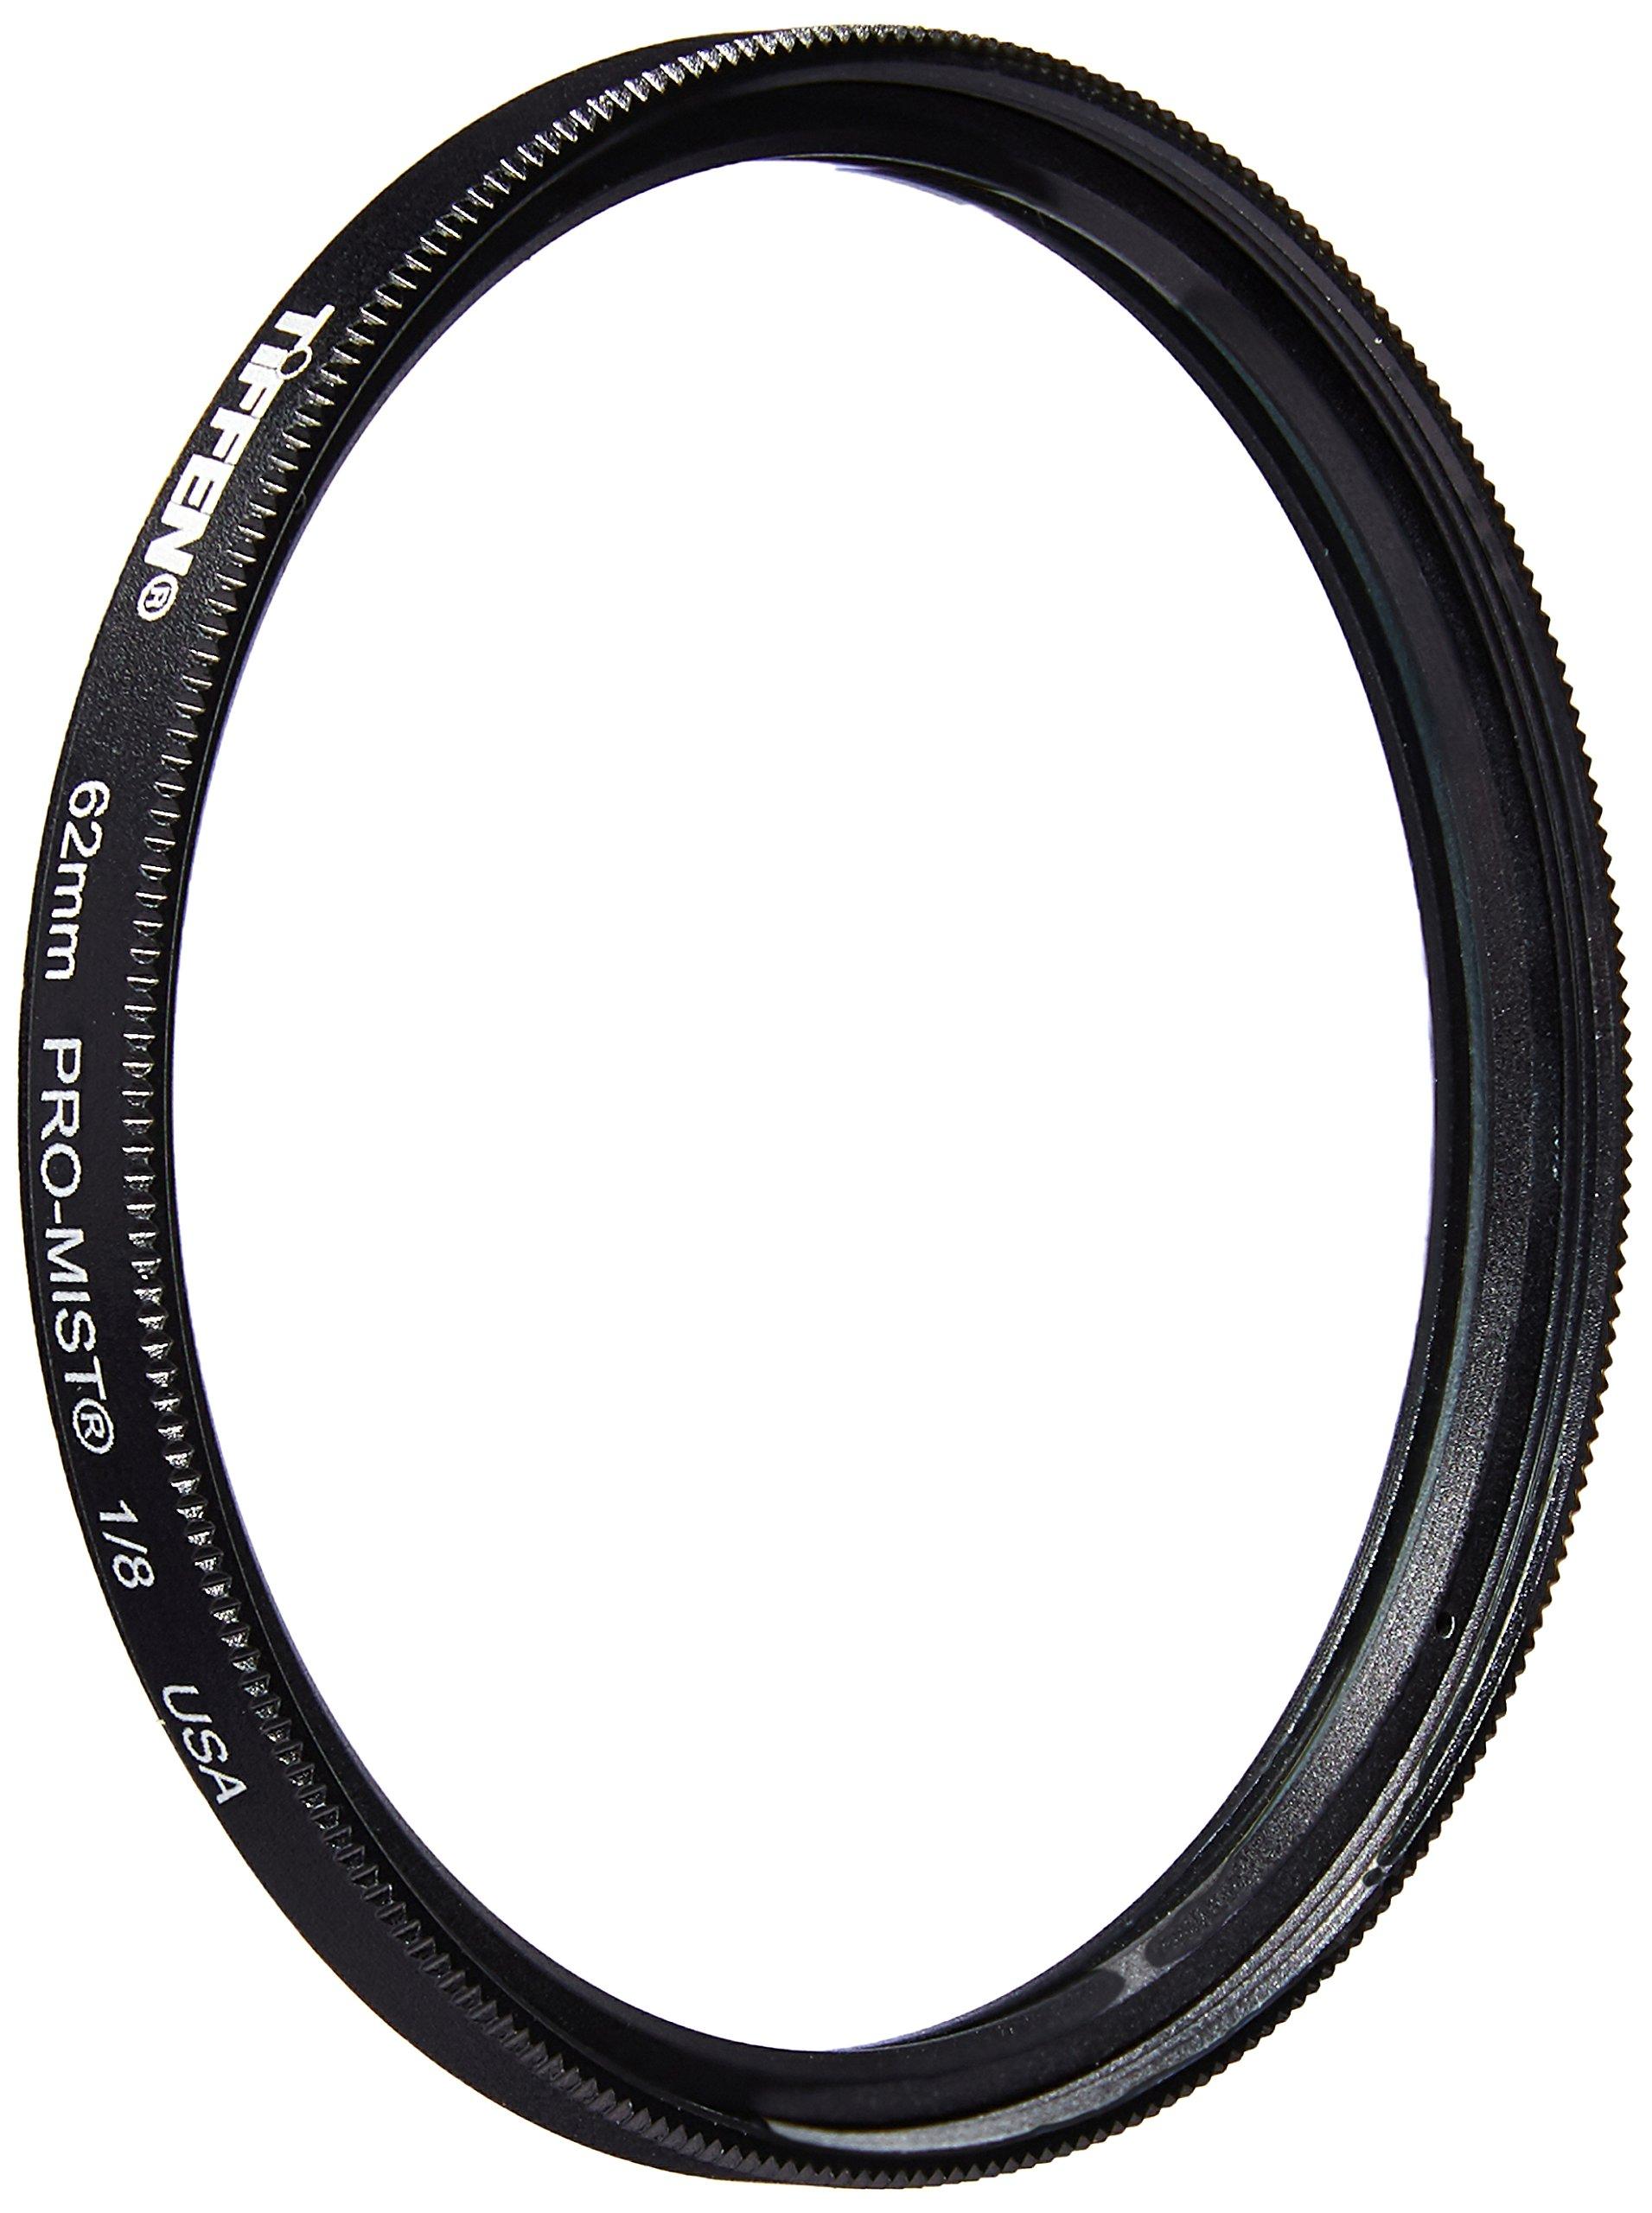 Tiffen 62PM18 62mm Pro-Mist 1/8 Filter